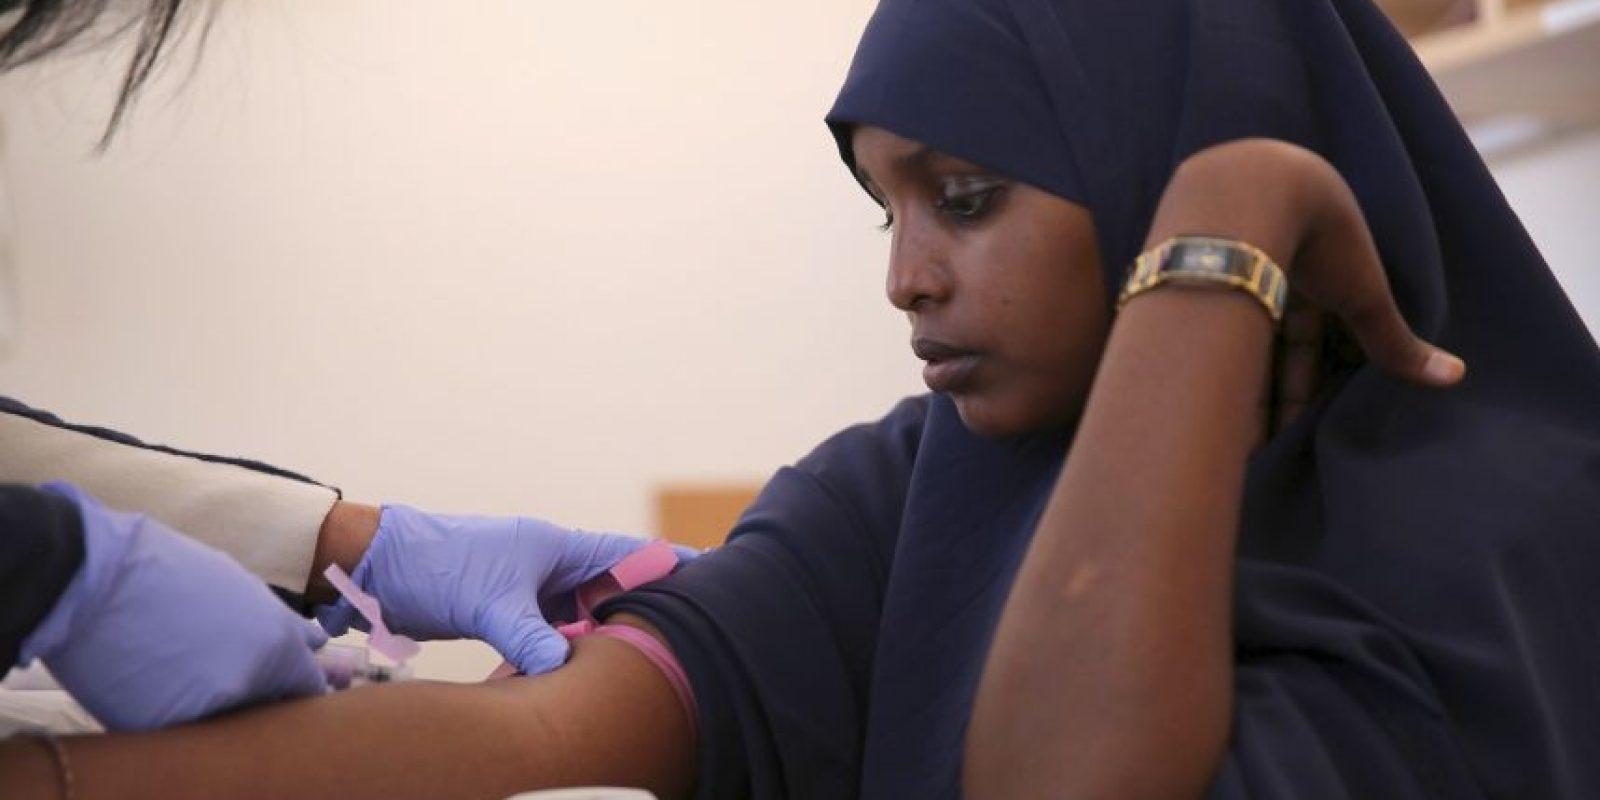 En 2012, 73 países informaron de la recogida de más de 90% de su suministro de sangre de donantes de sangre voluntarios y no remunerados, entre ellos 60 países reúnen el 100% del suministro de sangre de los donantes de sangre voluntarios y no remunerados. Foto:Getty Images